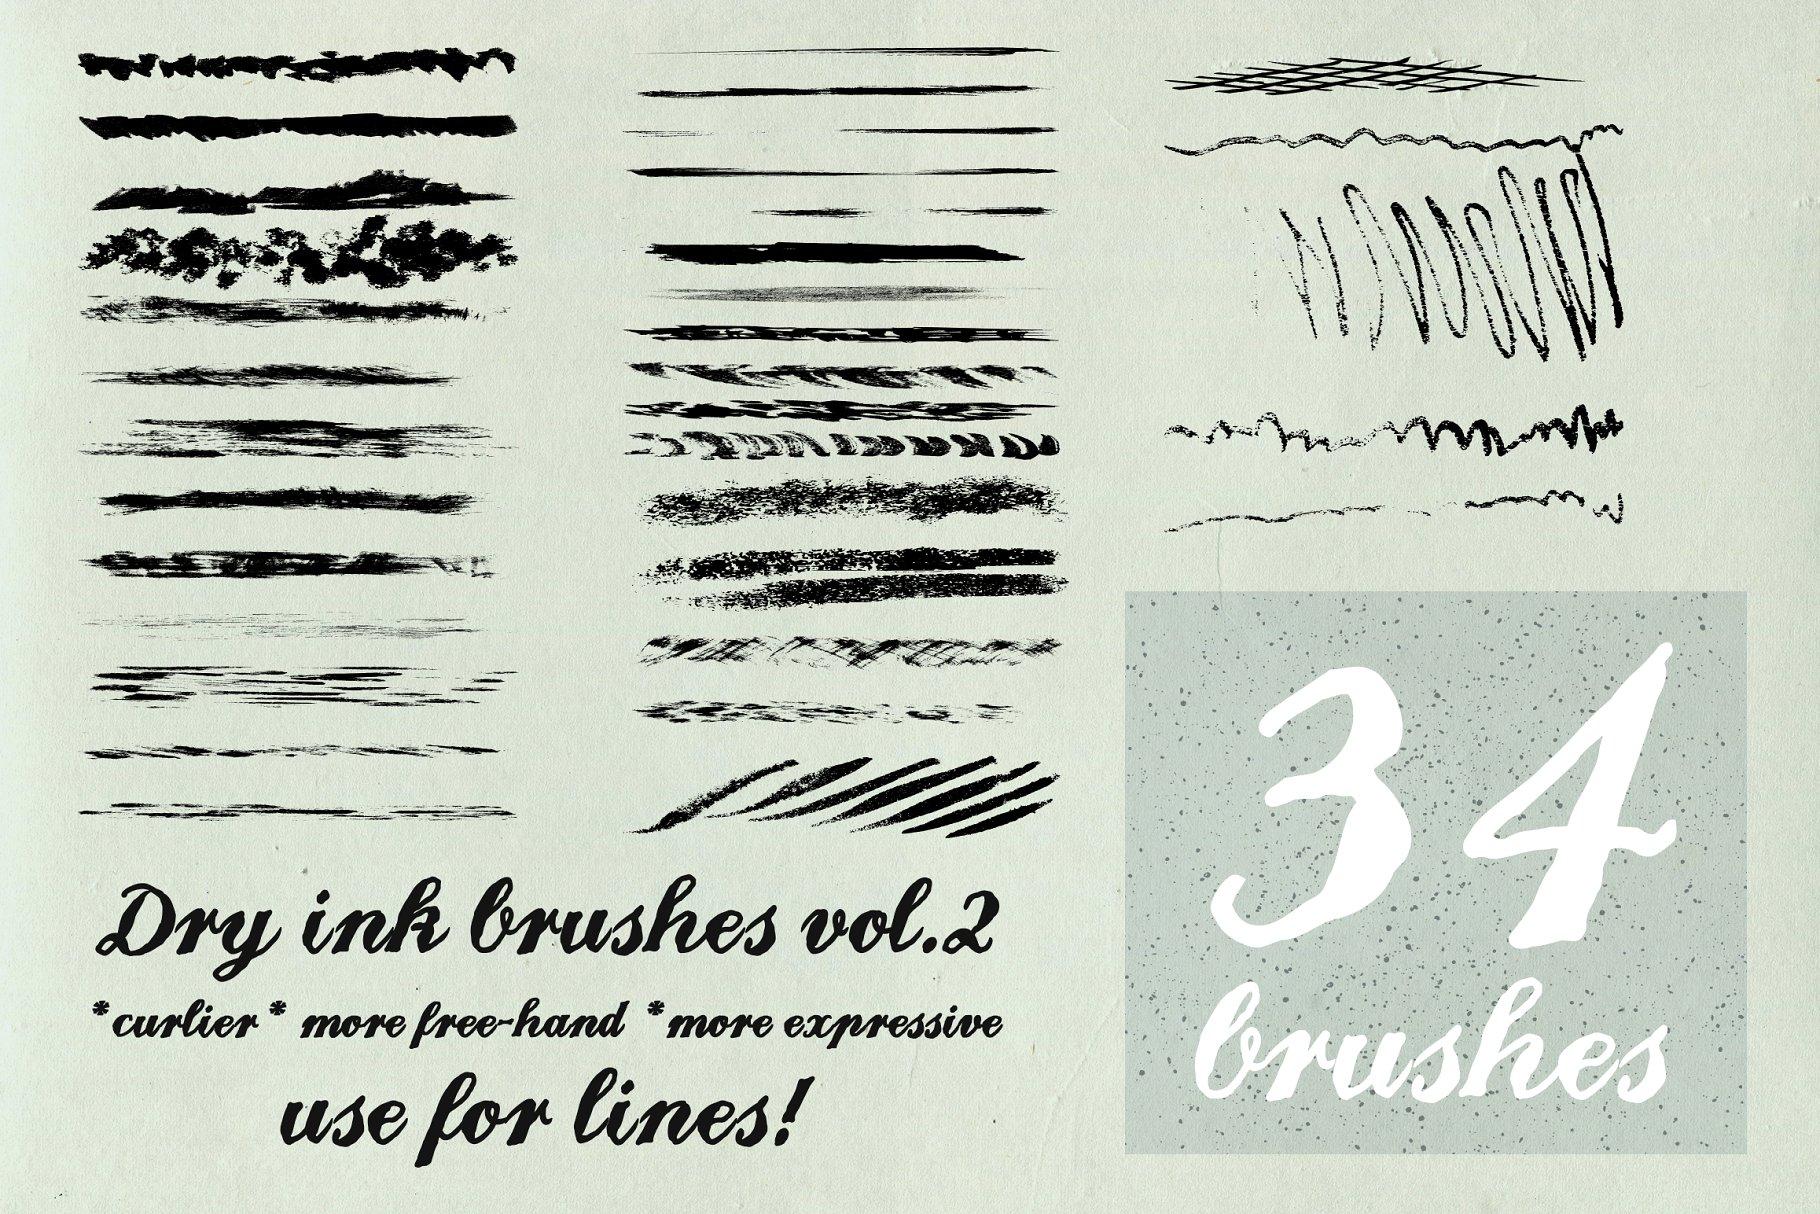 干的墨水笔刷效果 Dry ink brushes VOL.2 scatter&lines设计素材模板